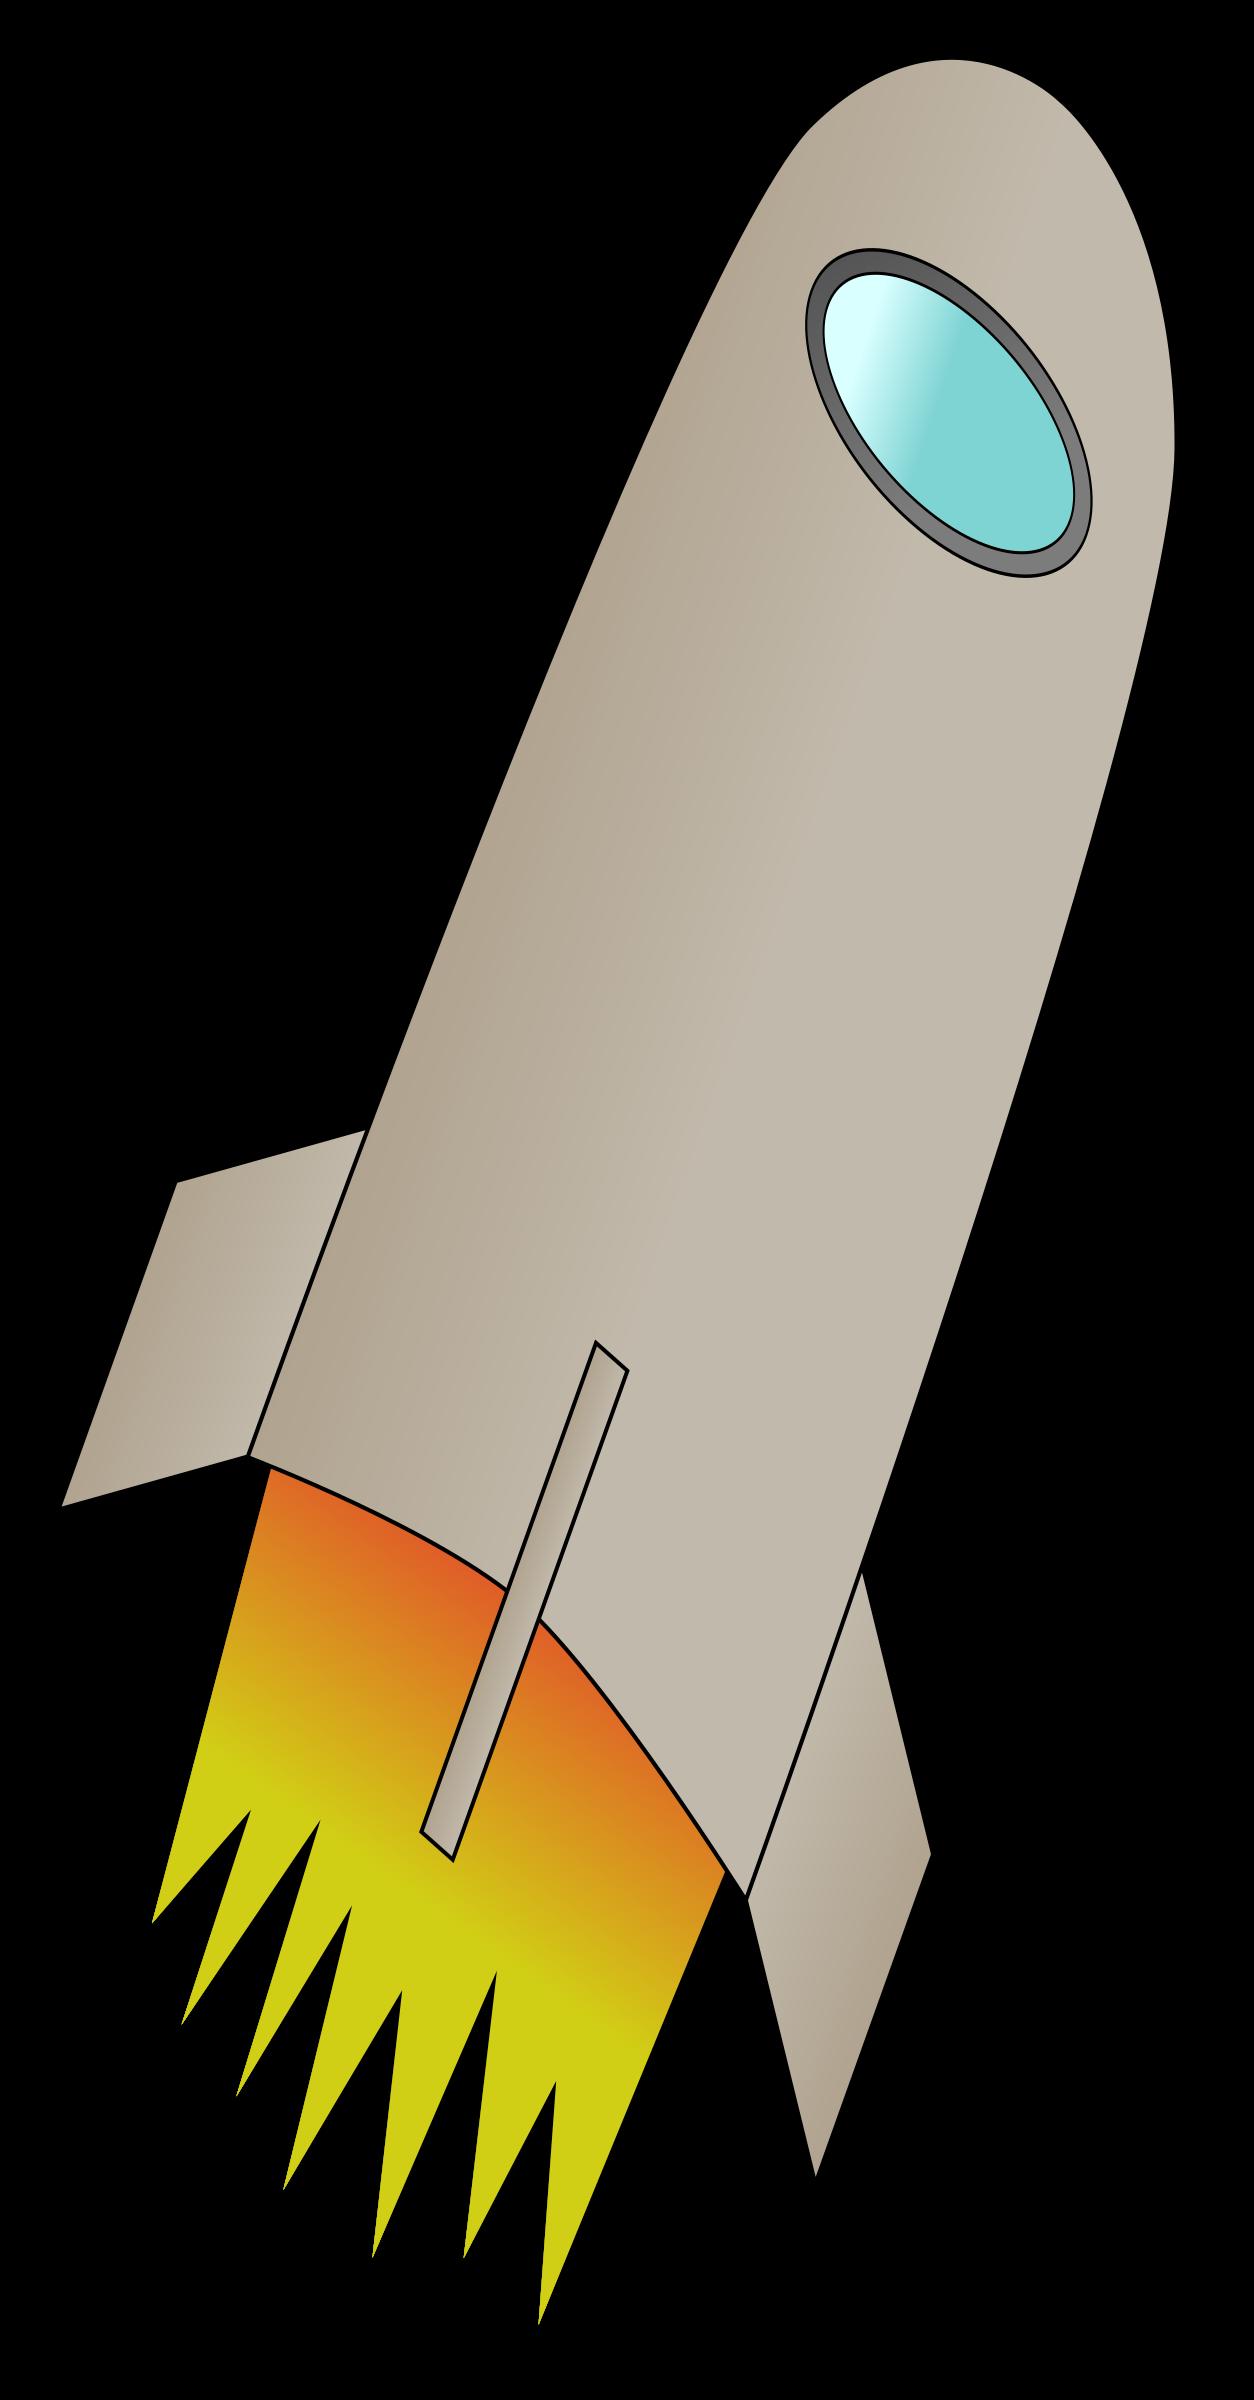 Rocket clipart rocket fire Whit Fire Whit Space Rocket